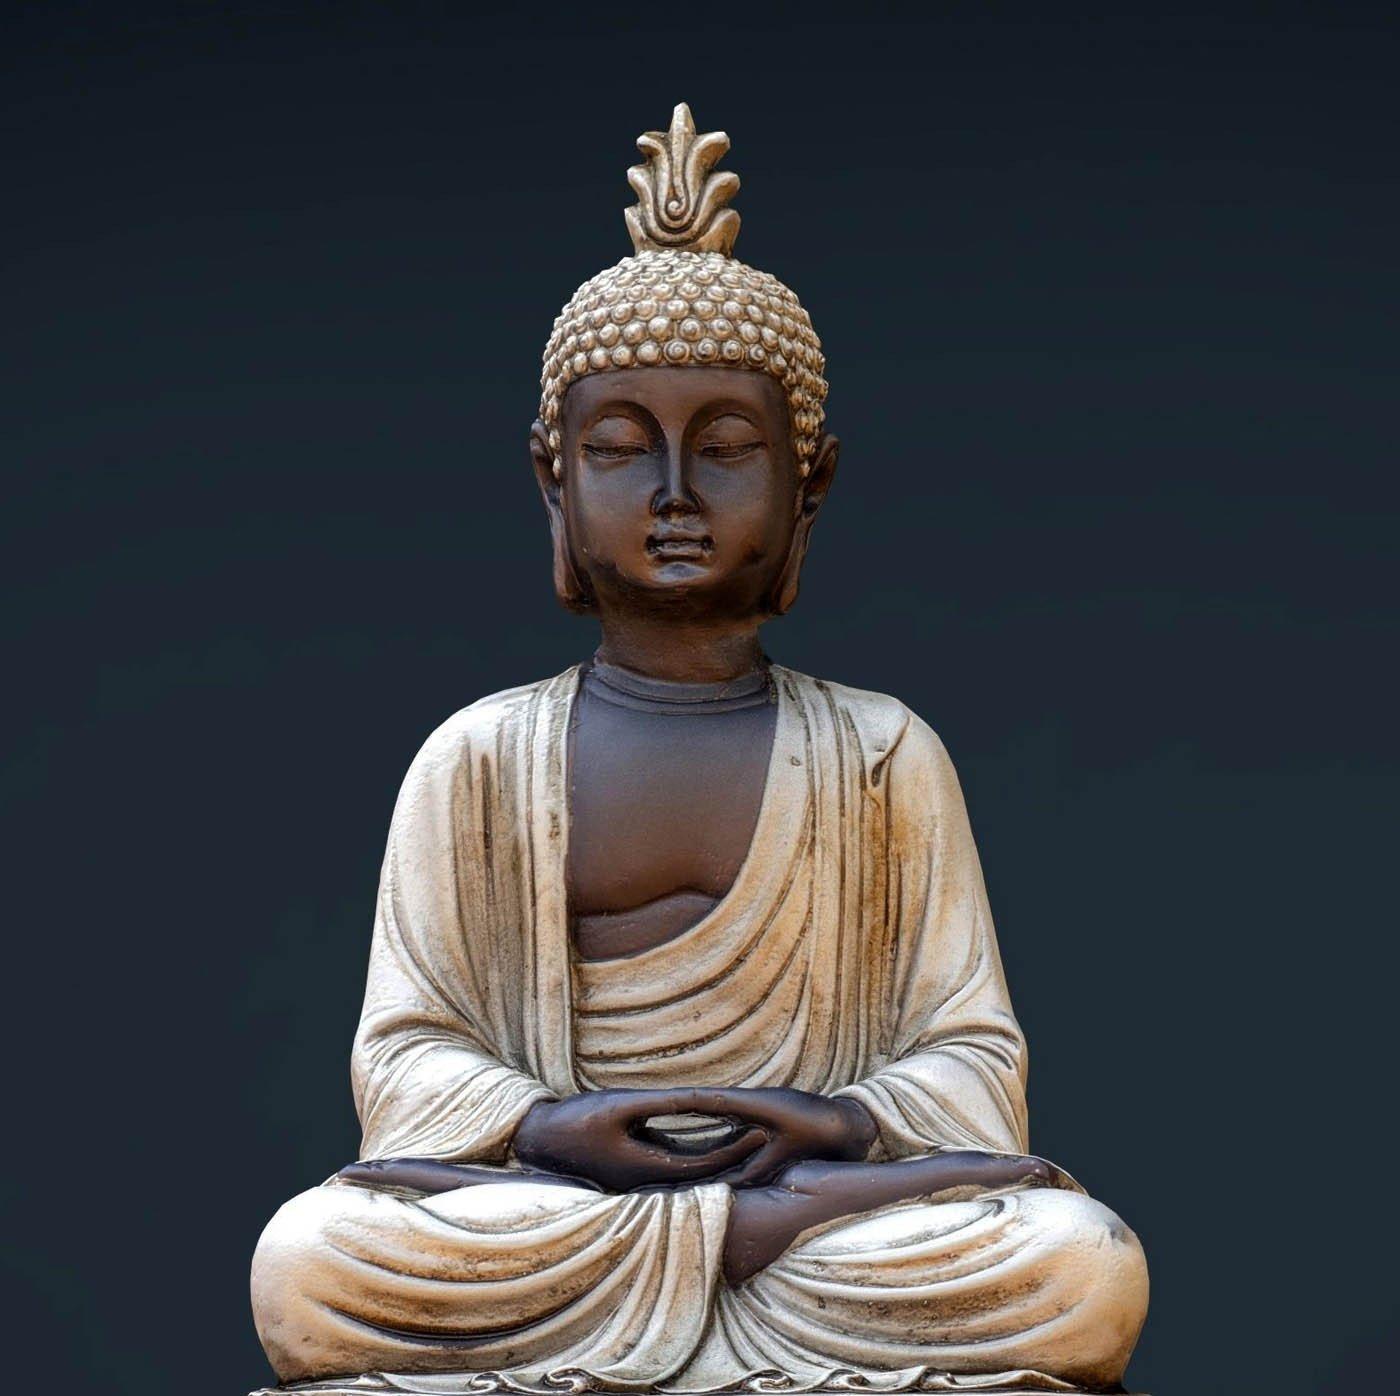 lord buddha education foundation - HD1400×1396